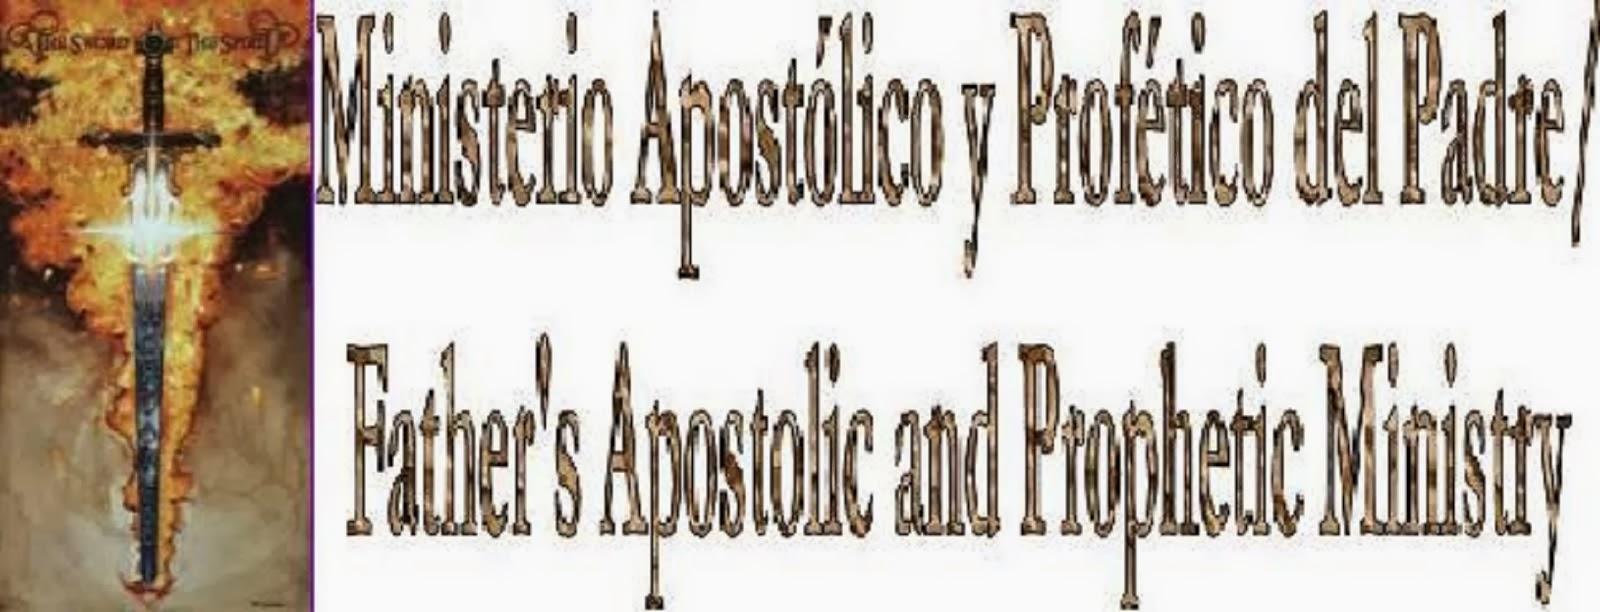 El Ministerio Apostolico y Profetico del Padre (MAPDP)